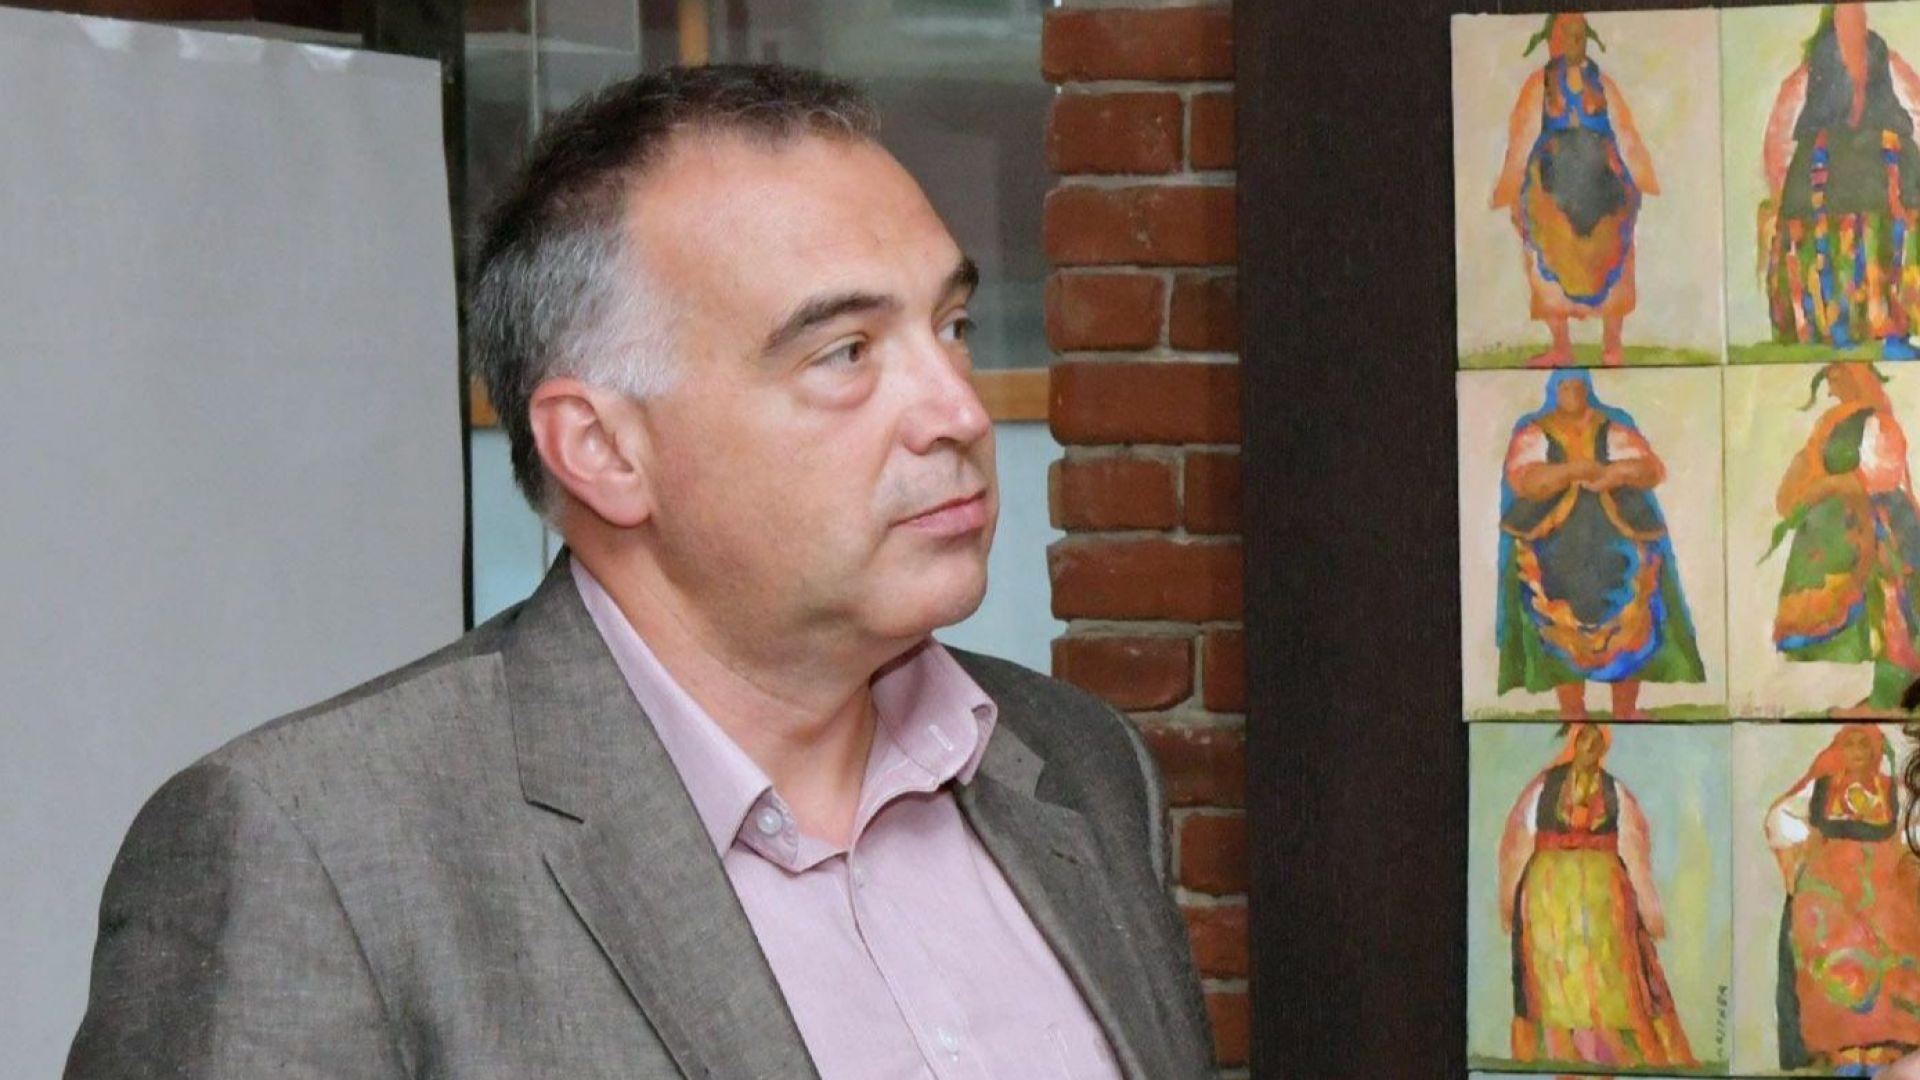 Кутев: Обвинението срещу Елена Йончева е синята лампичка, която Борисов светва